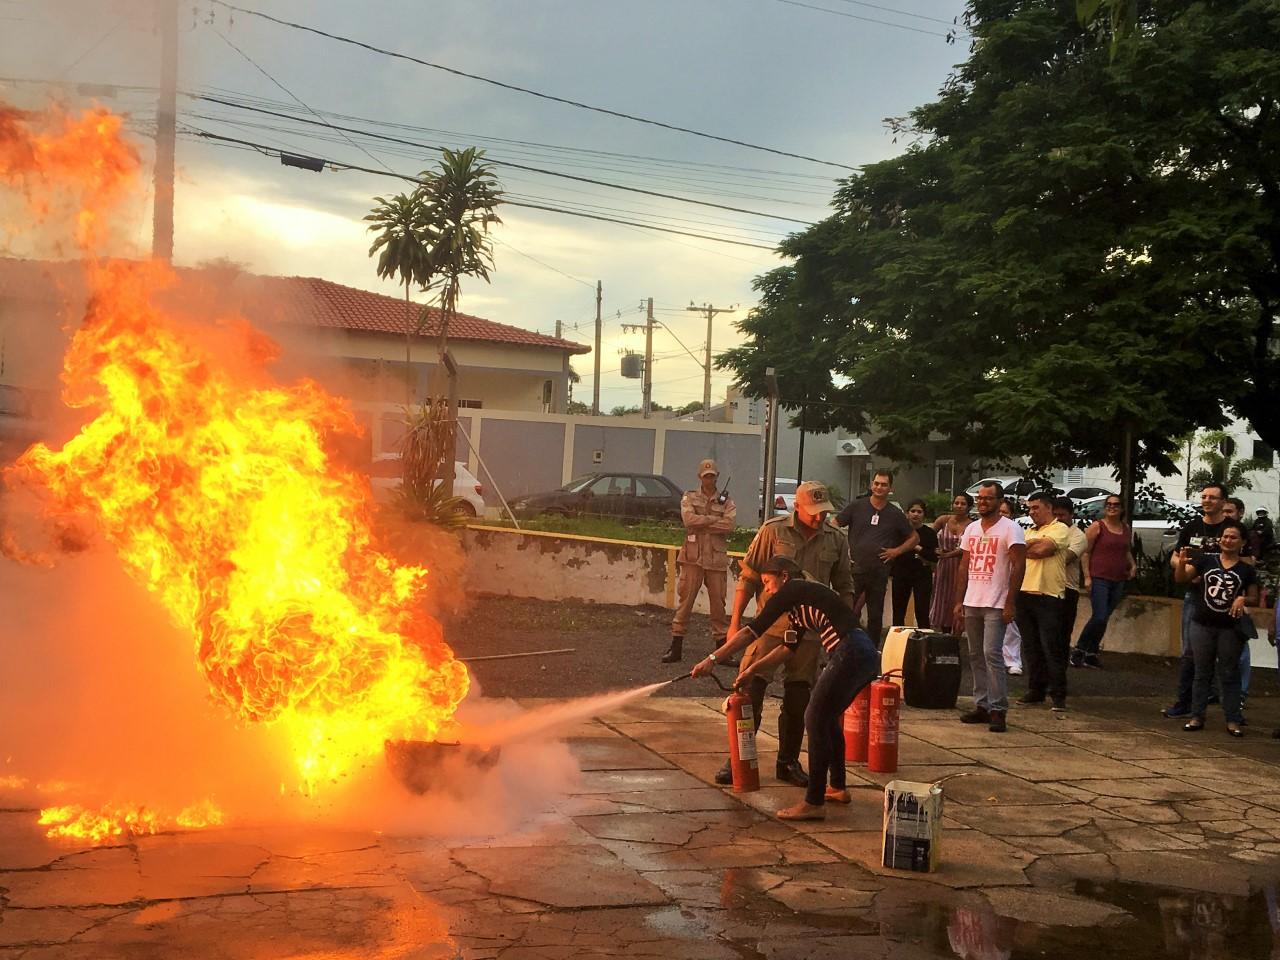 Corpo de Bombeiros habilita grupo de colaboradores para formação da brigada de incêndio do HDT-UFT